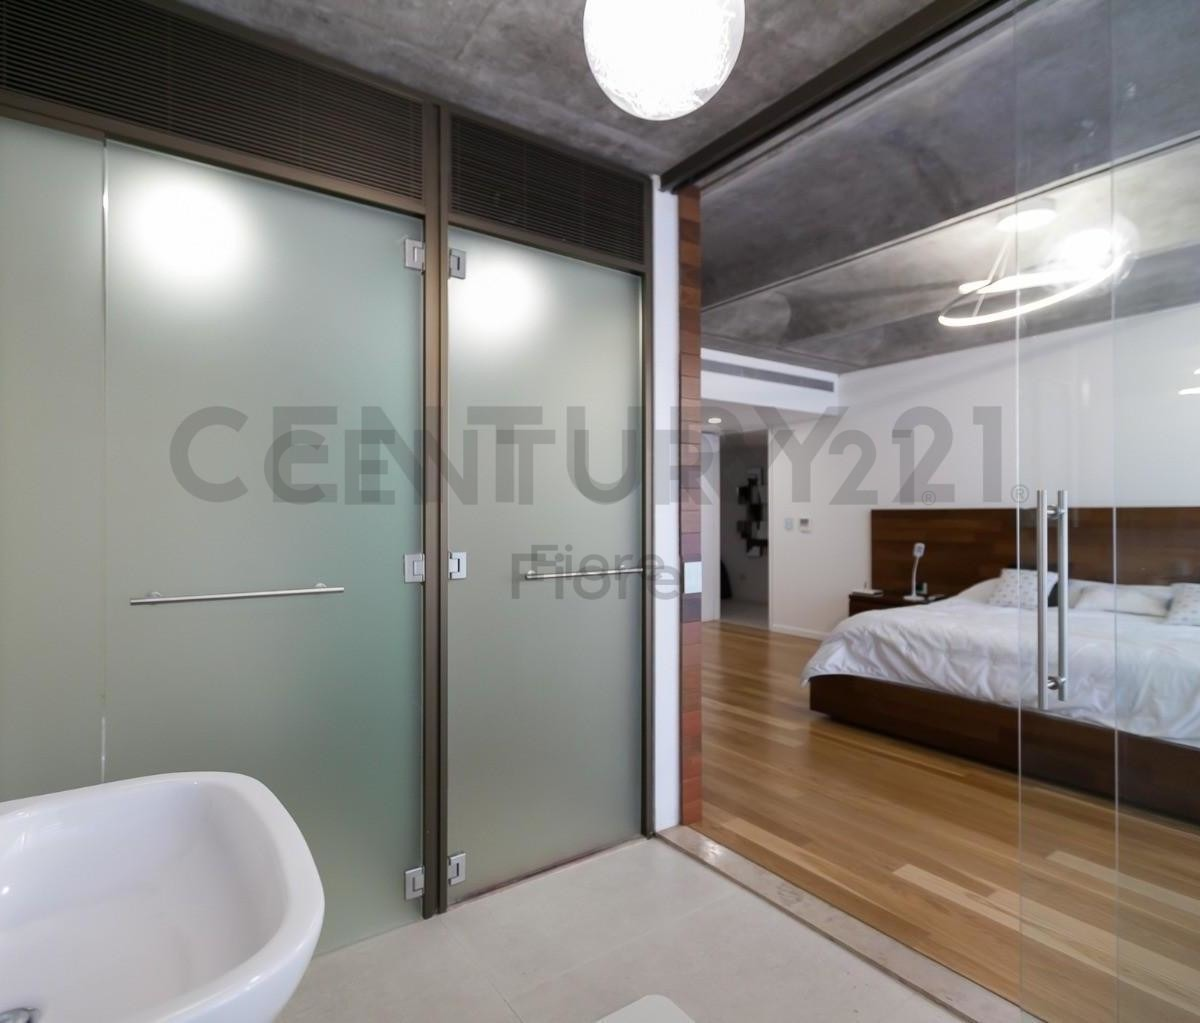 venta amplio departamento 2 ambientes con cochera en torre aleph puerto madero